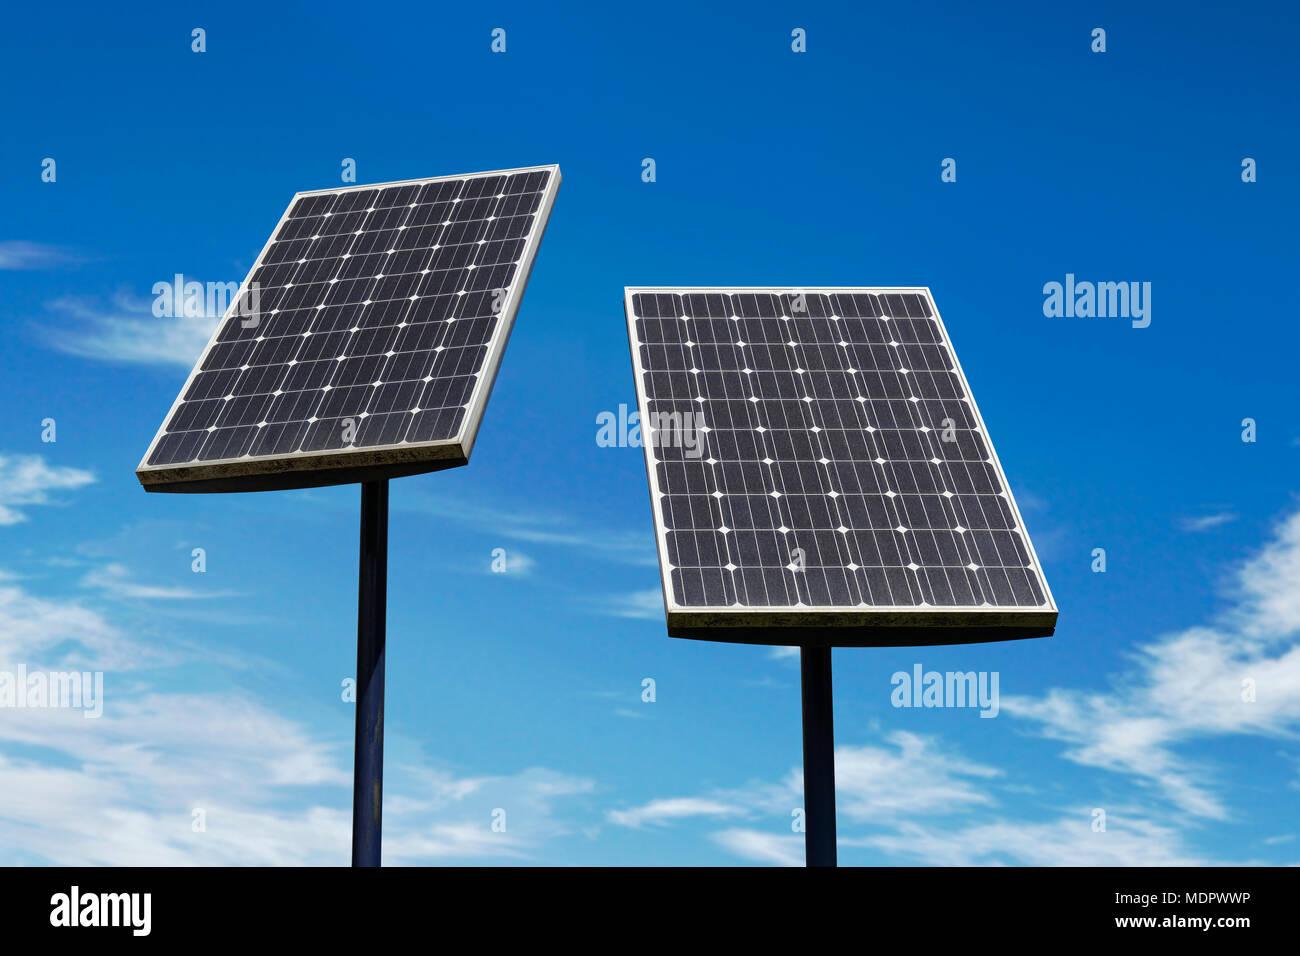 Los pequeños paneles solares contra un cielo azul Imagen De Stock